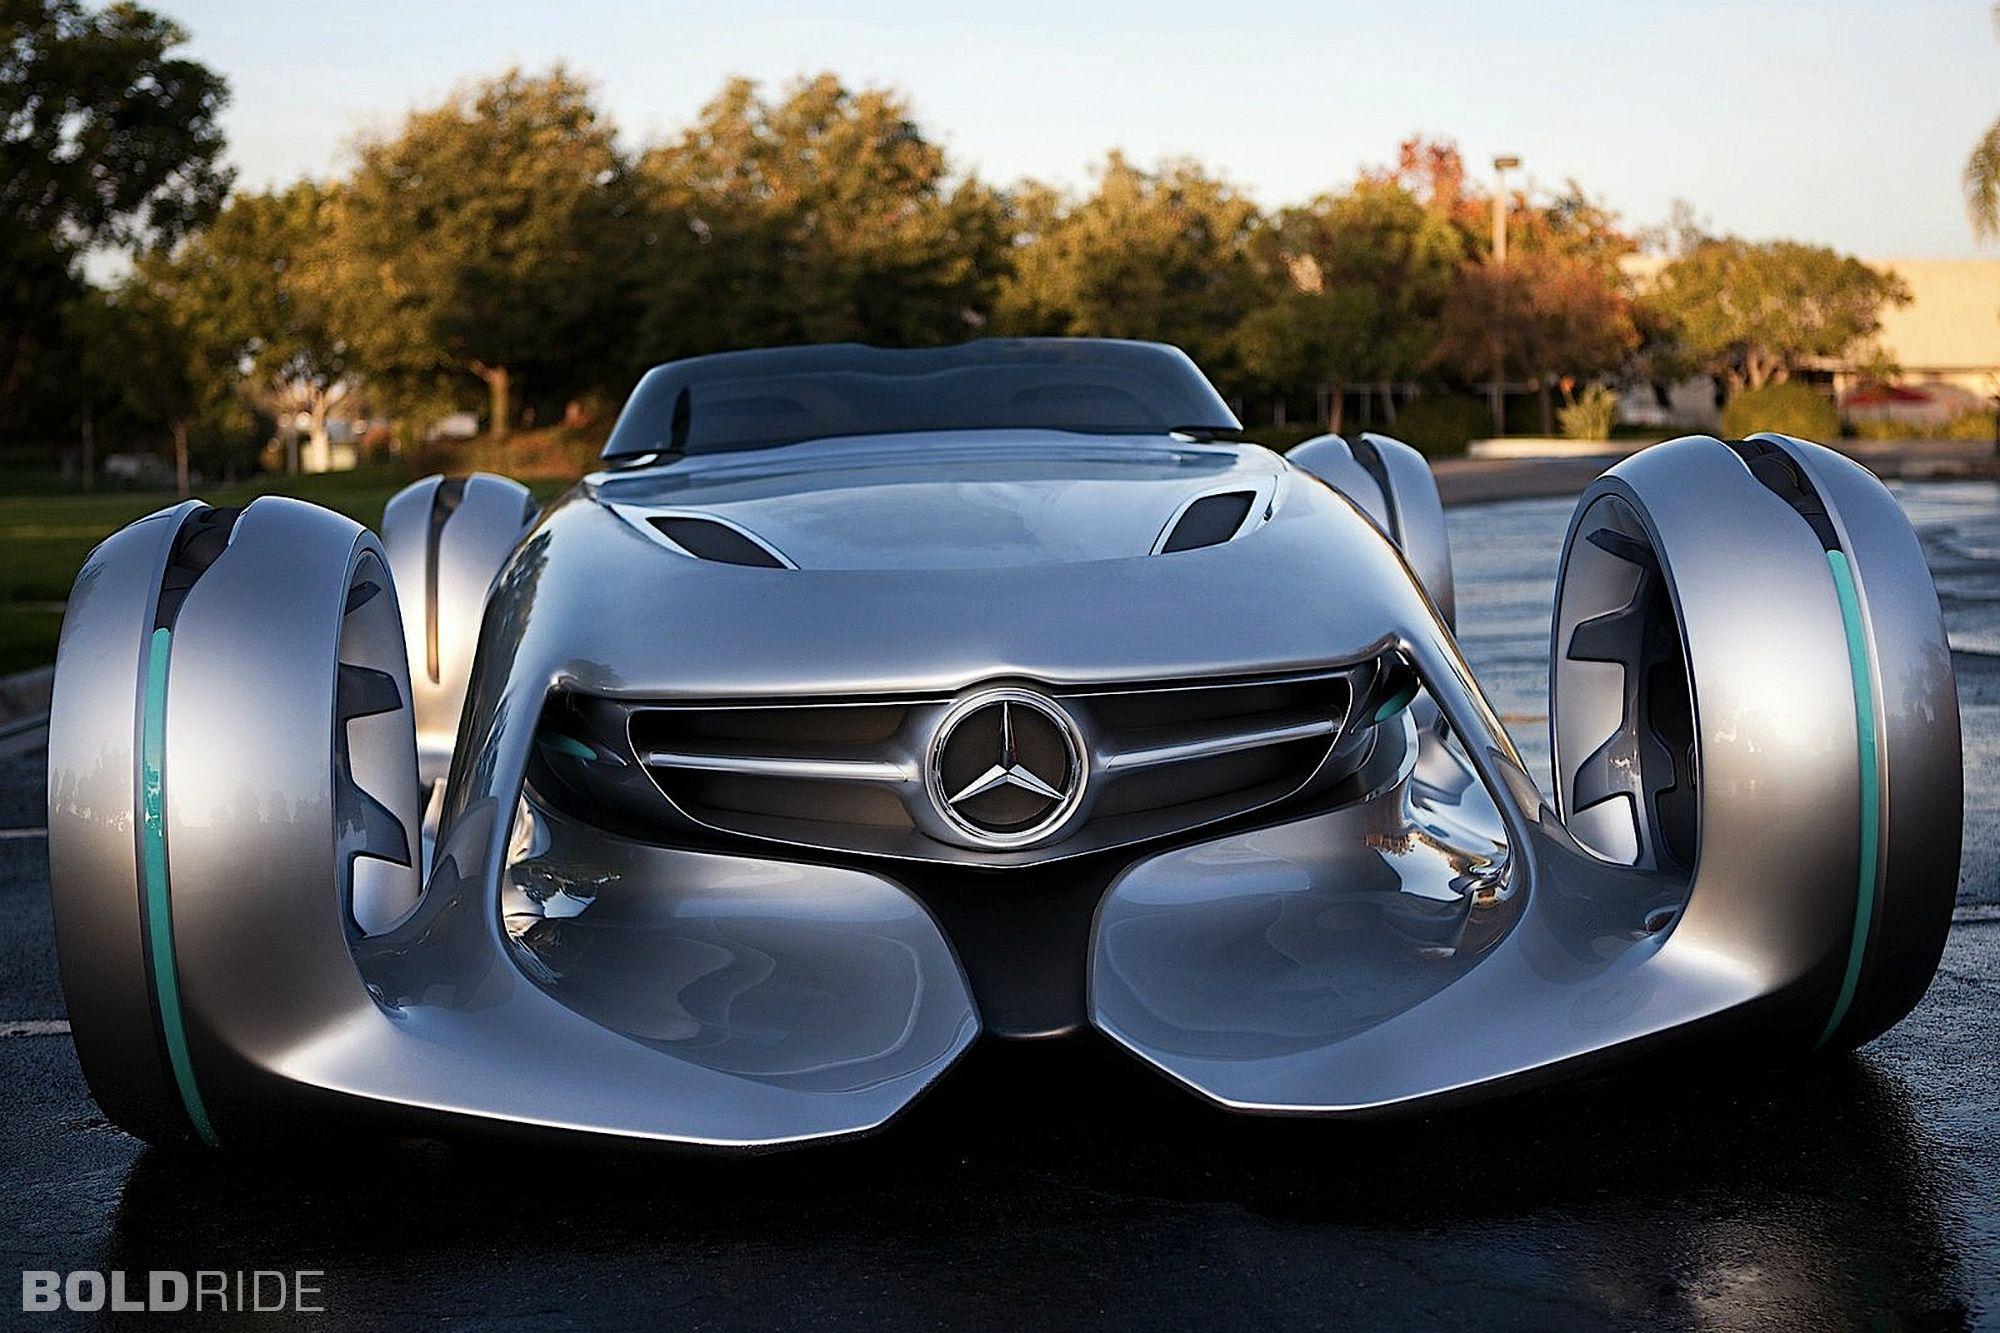 Foto Foto Unik Mercedes Benz Silver Arrow Concept Car Luxury Sports Cars Mobil Futuristik Mobil Konsep